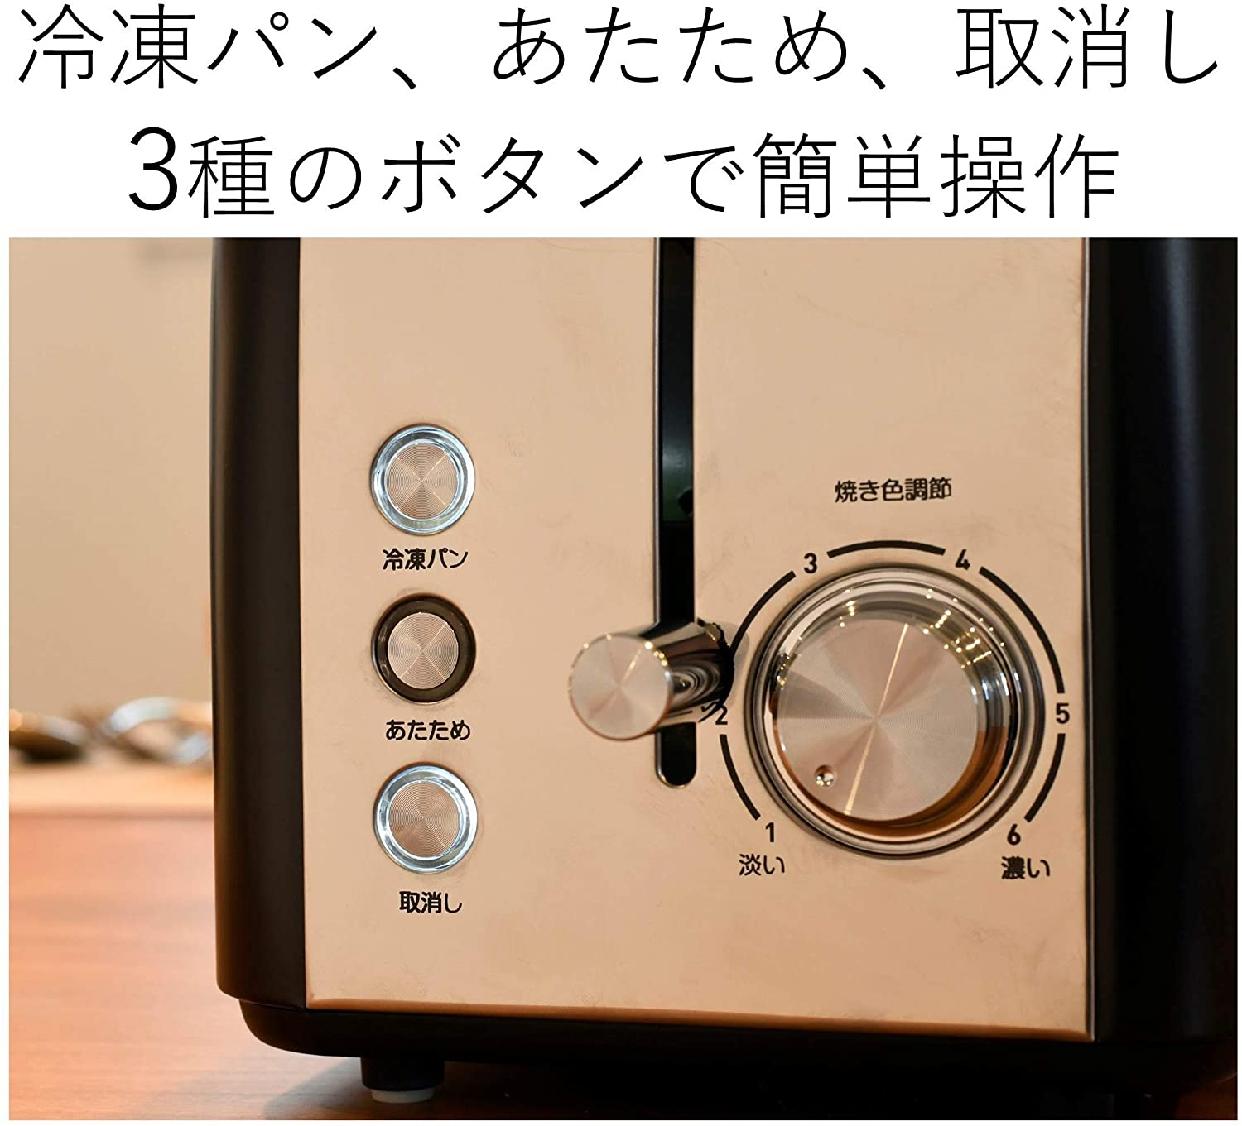 山善(YAMAZEN) ポップアップトースター シルバー YUC-S850の商品画像6